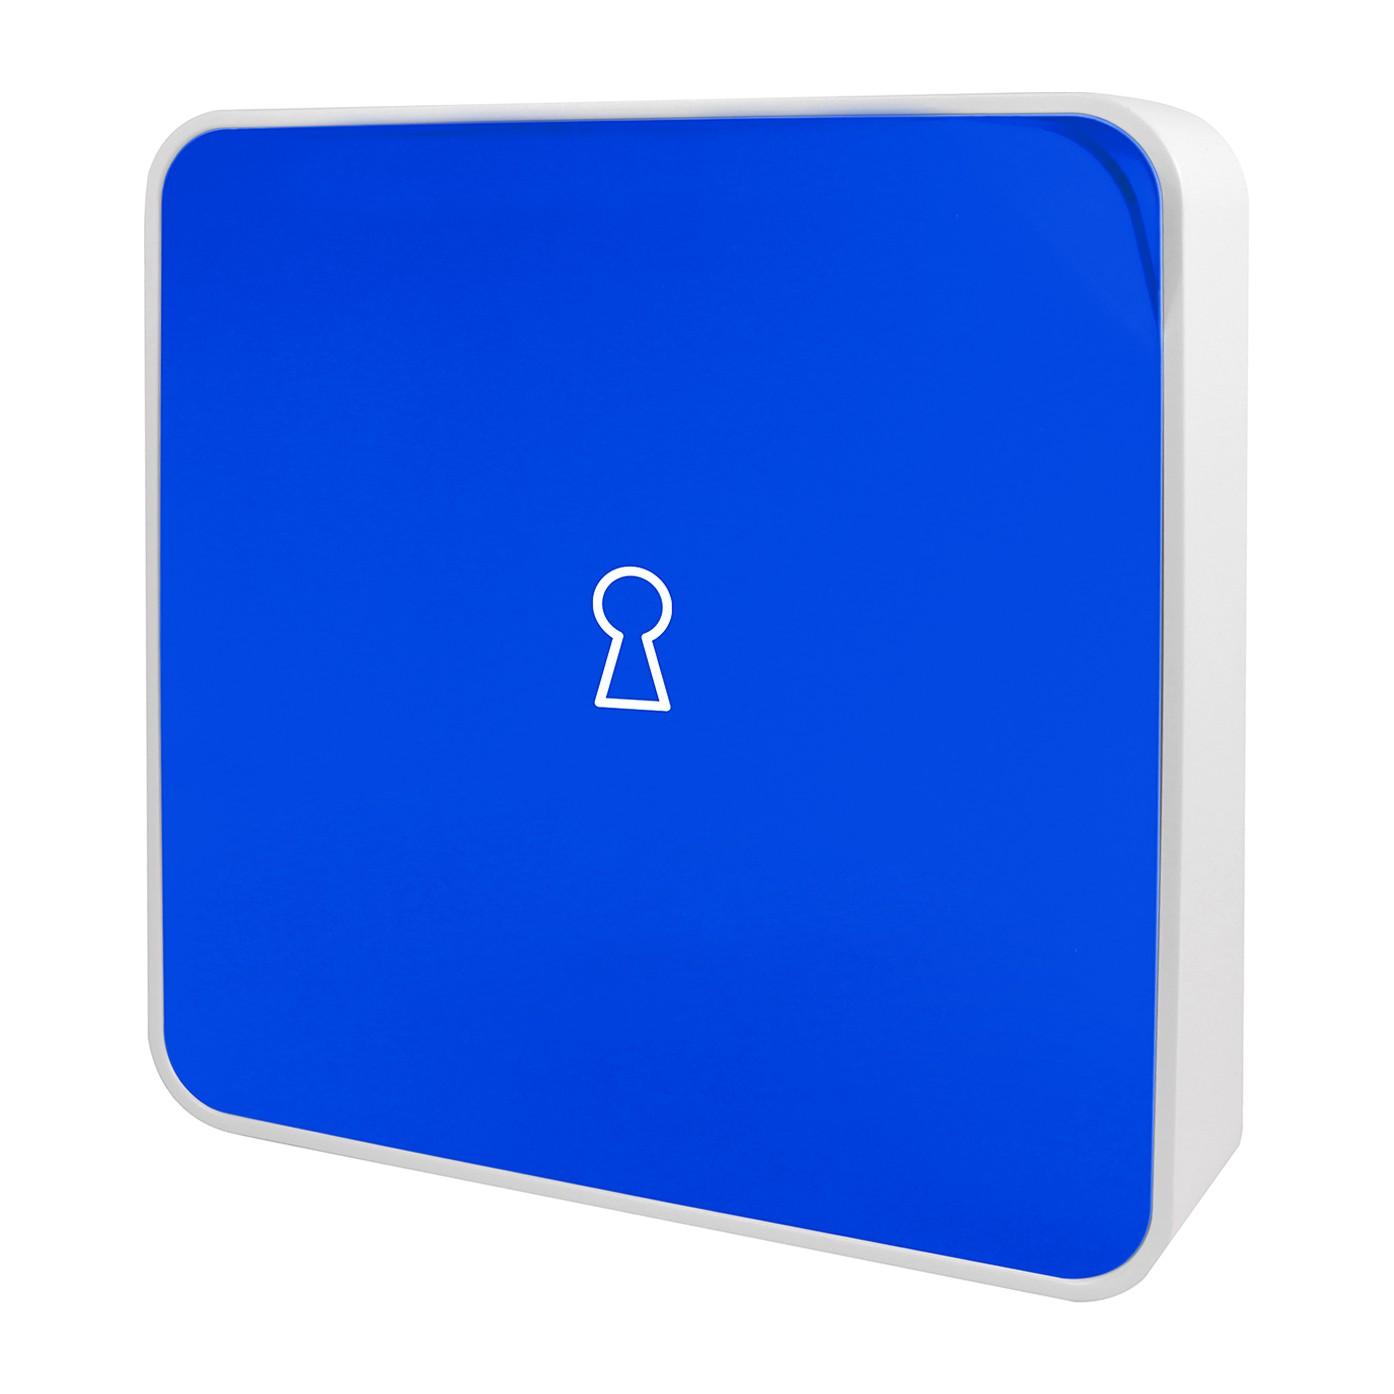 home24 Schluesselkasten multiBox I | Flur & Diele > Schlüsselkästen | Siehe shop | Paperflow